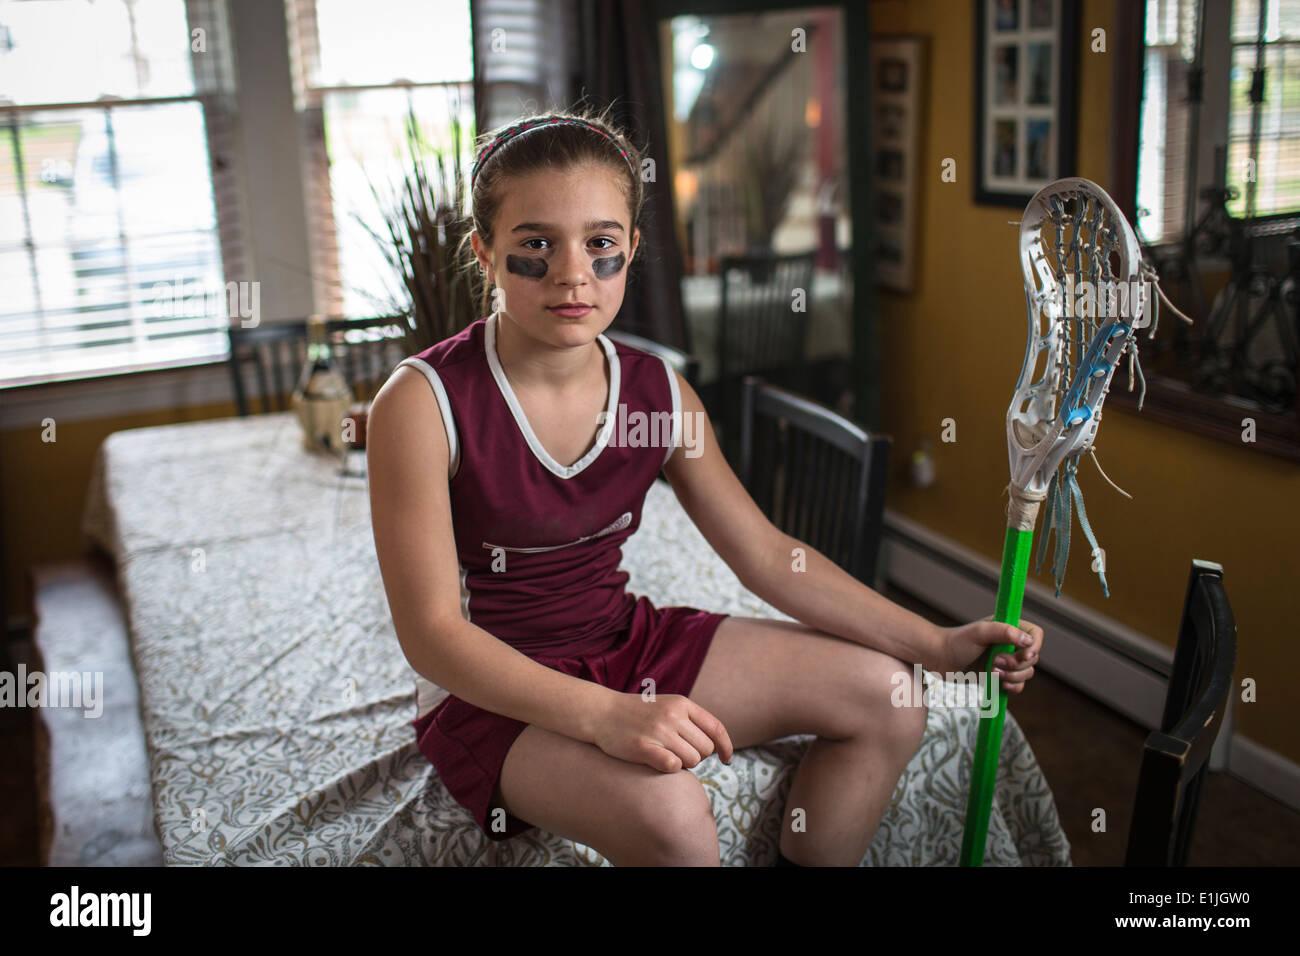 Girl wearing lacrosse uniforme, assis sur une table à manger Photo Stock